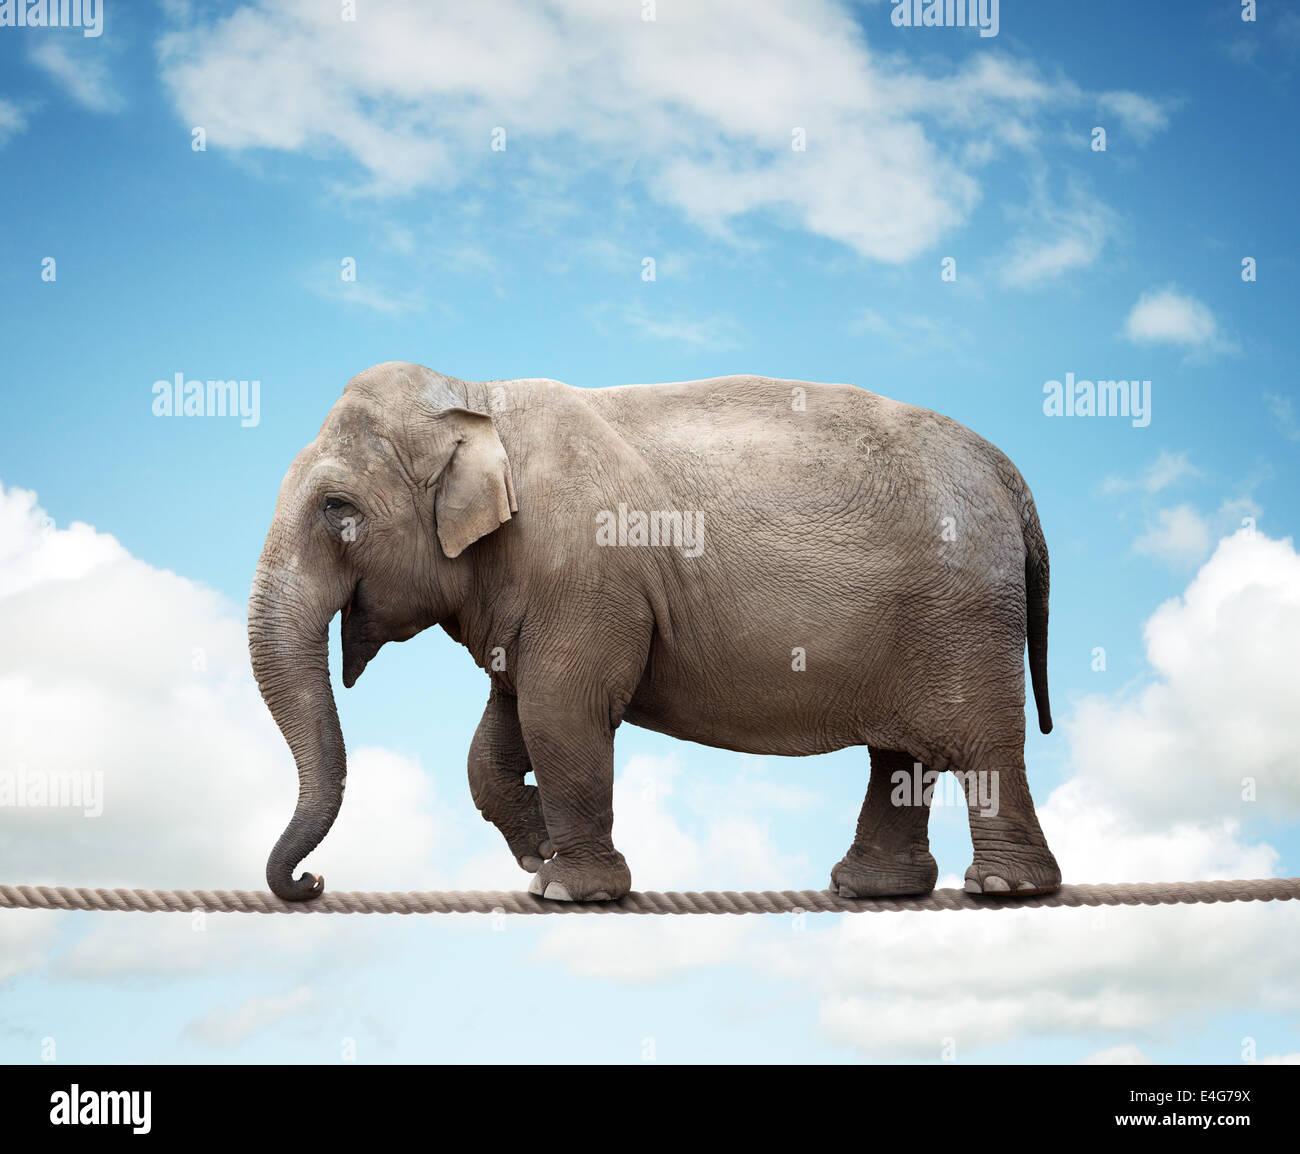 Sur l'éléphant funambule Photo Stock